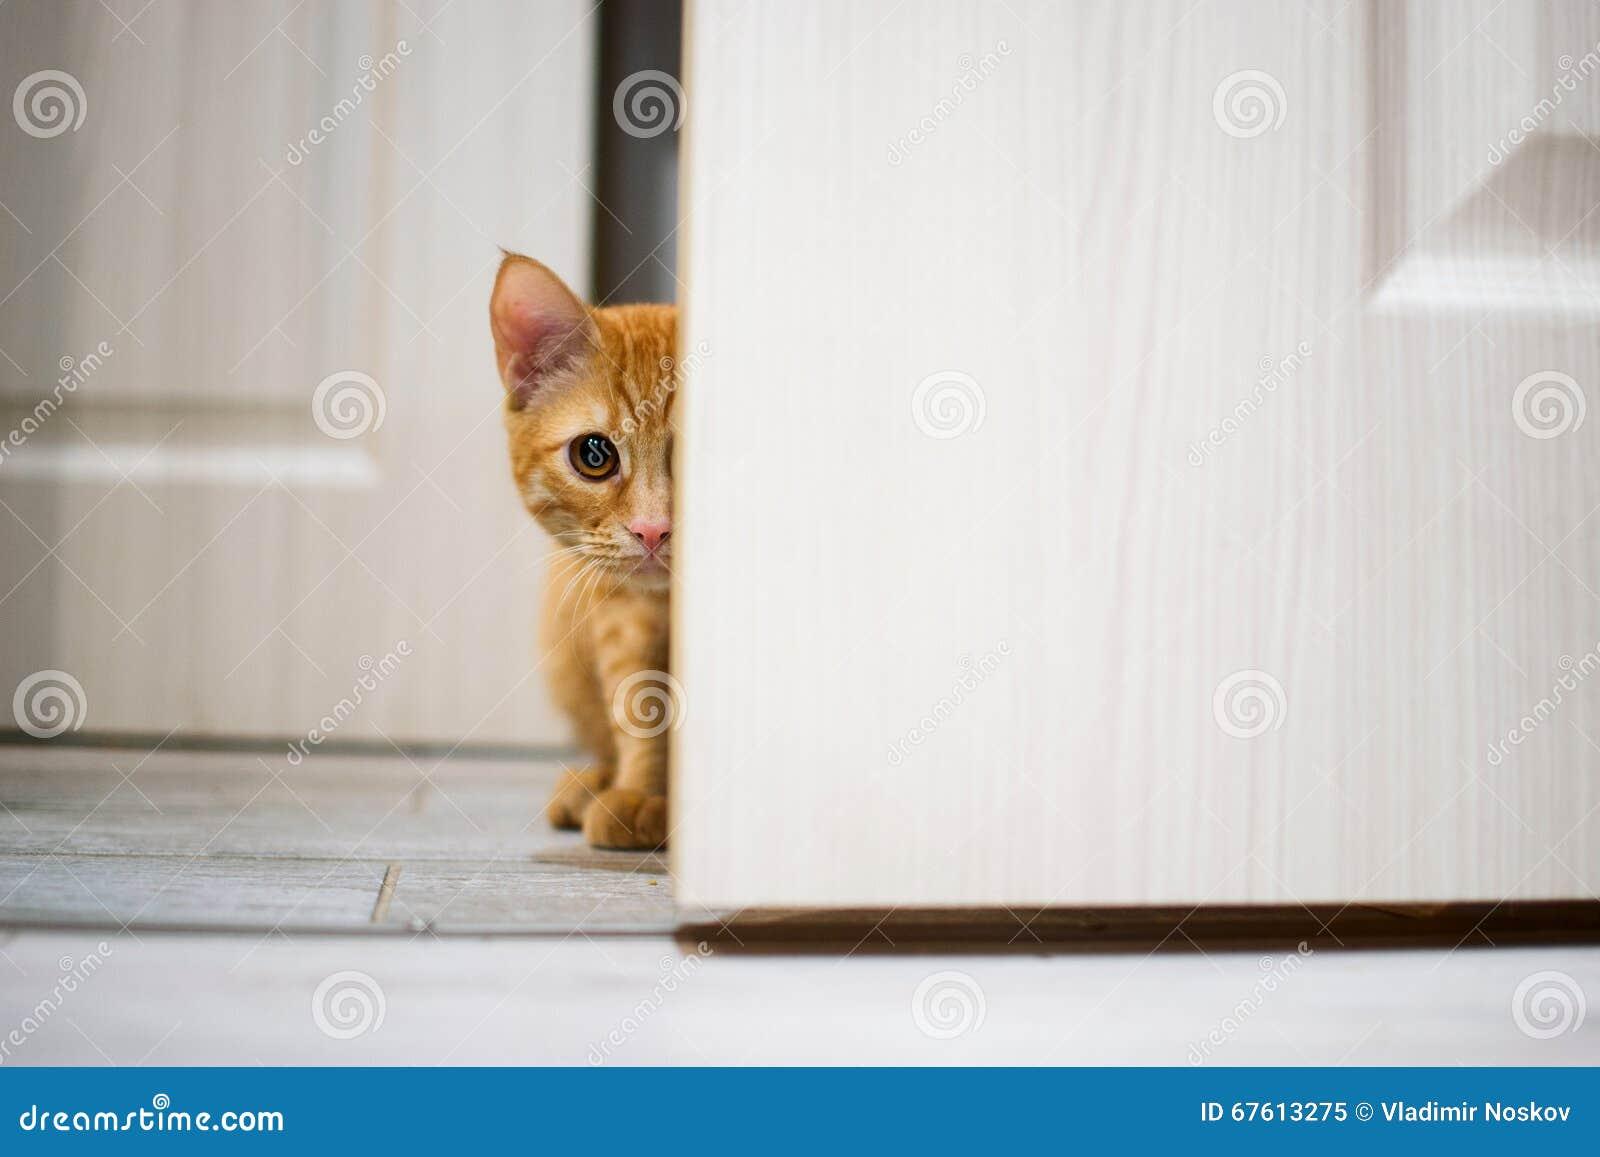 Behind the white door - 2 8